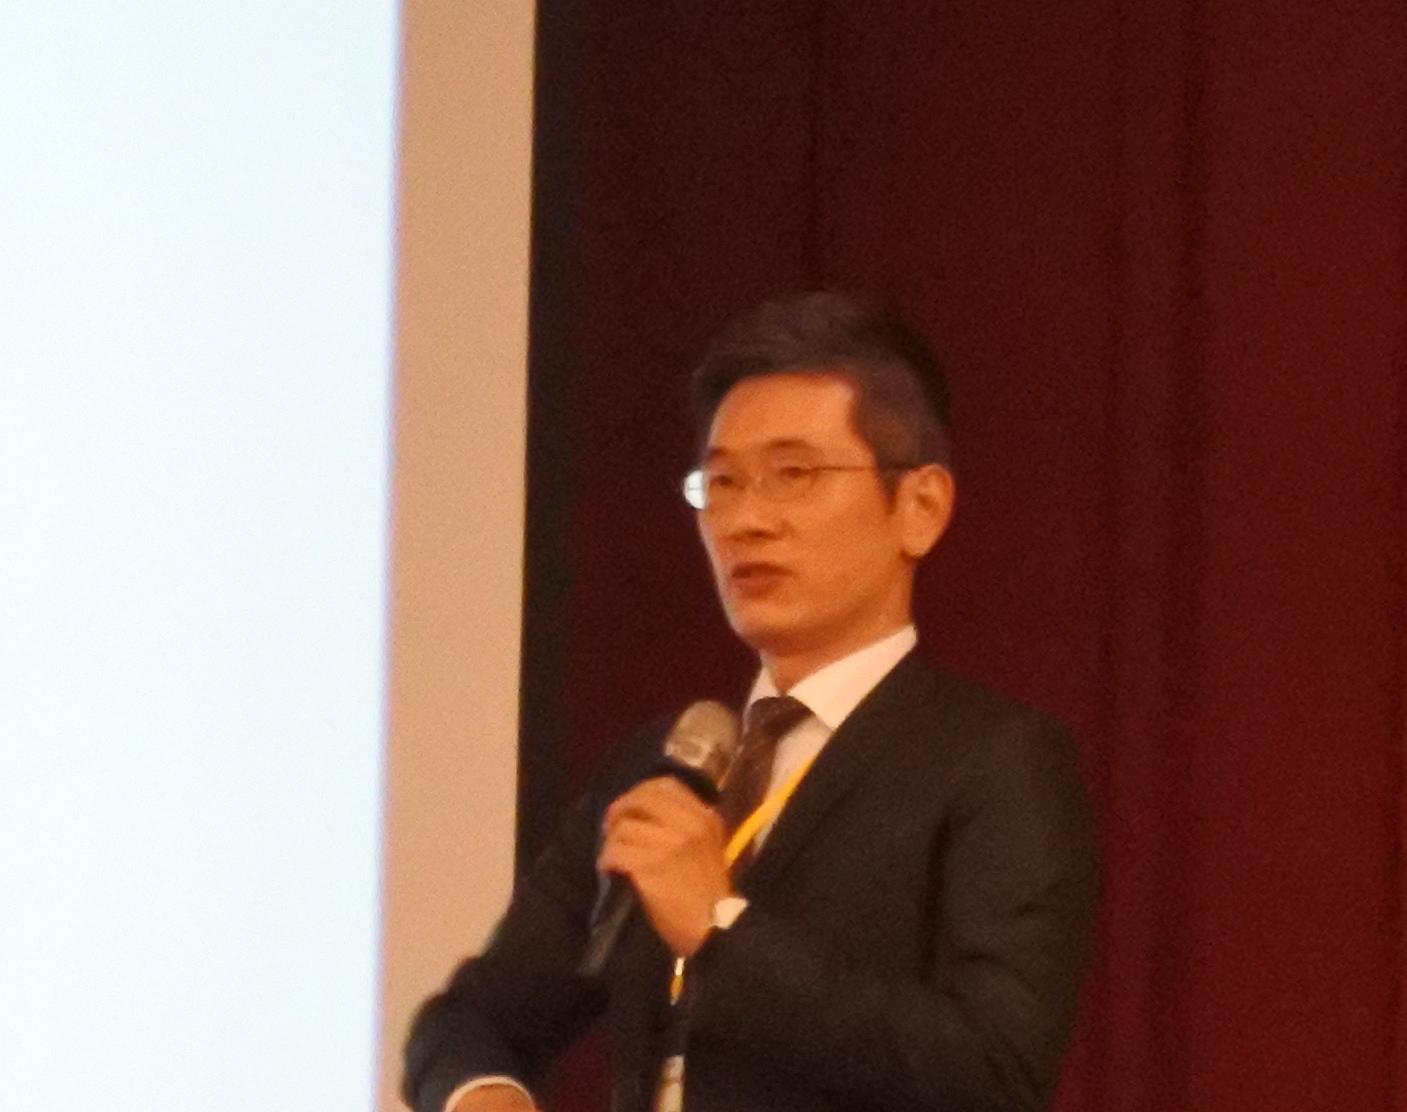 威健生物科技業務部副總經理 李彥樑